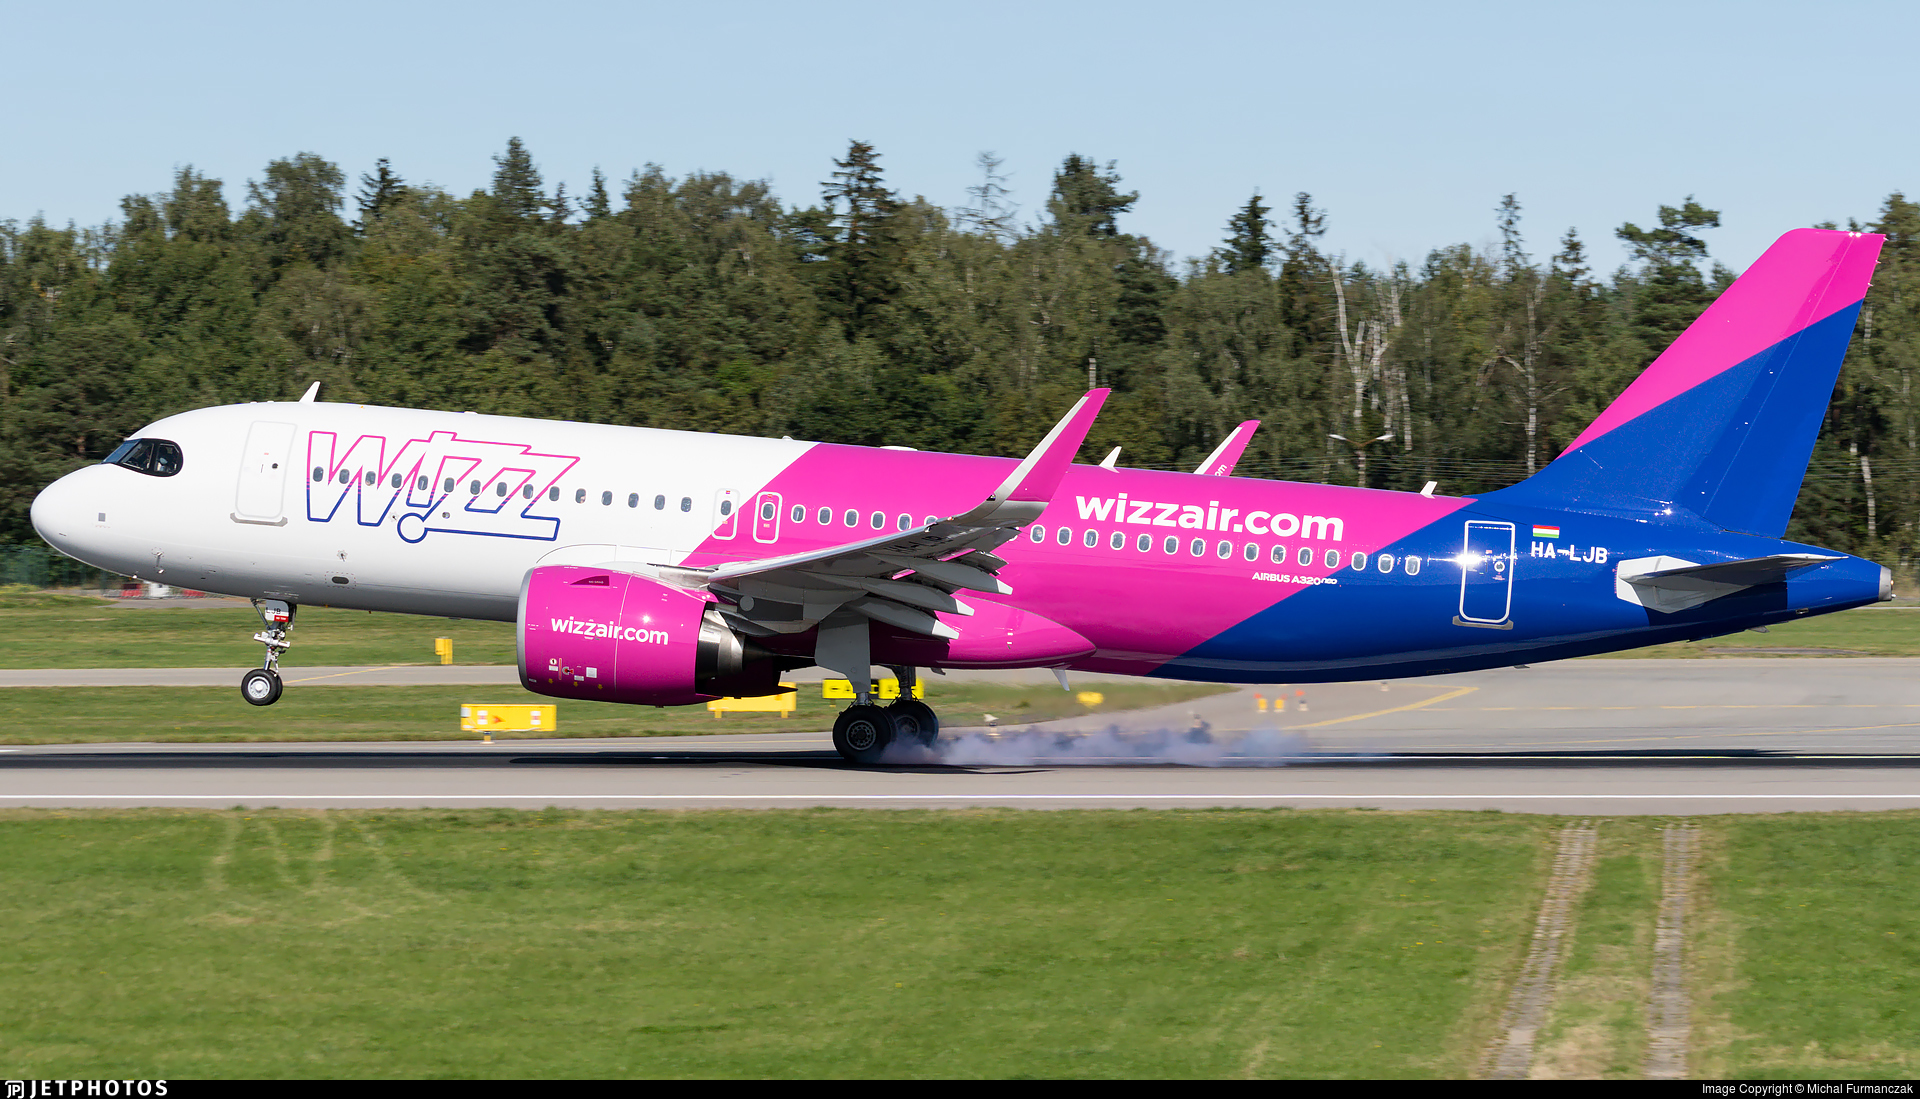 HA-LJB - Airbus A320-271N - Wizz Air